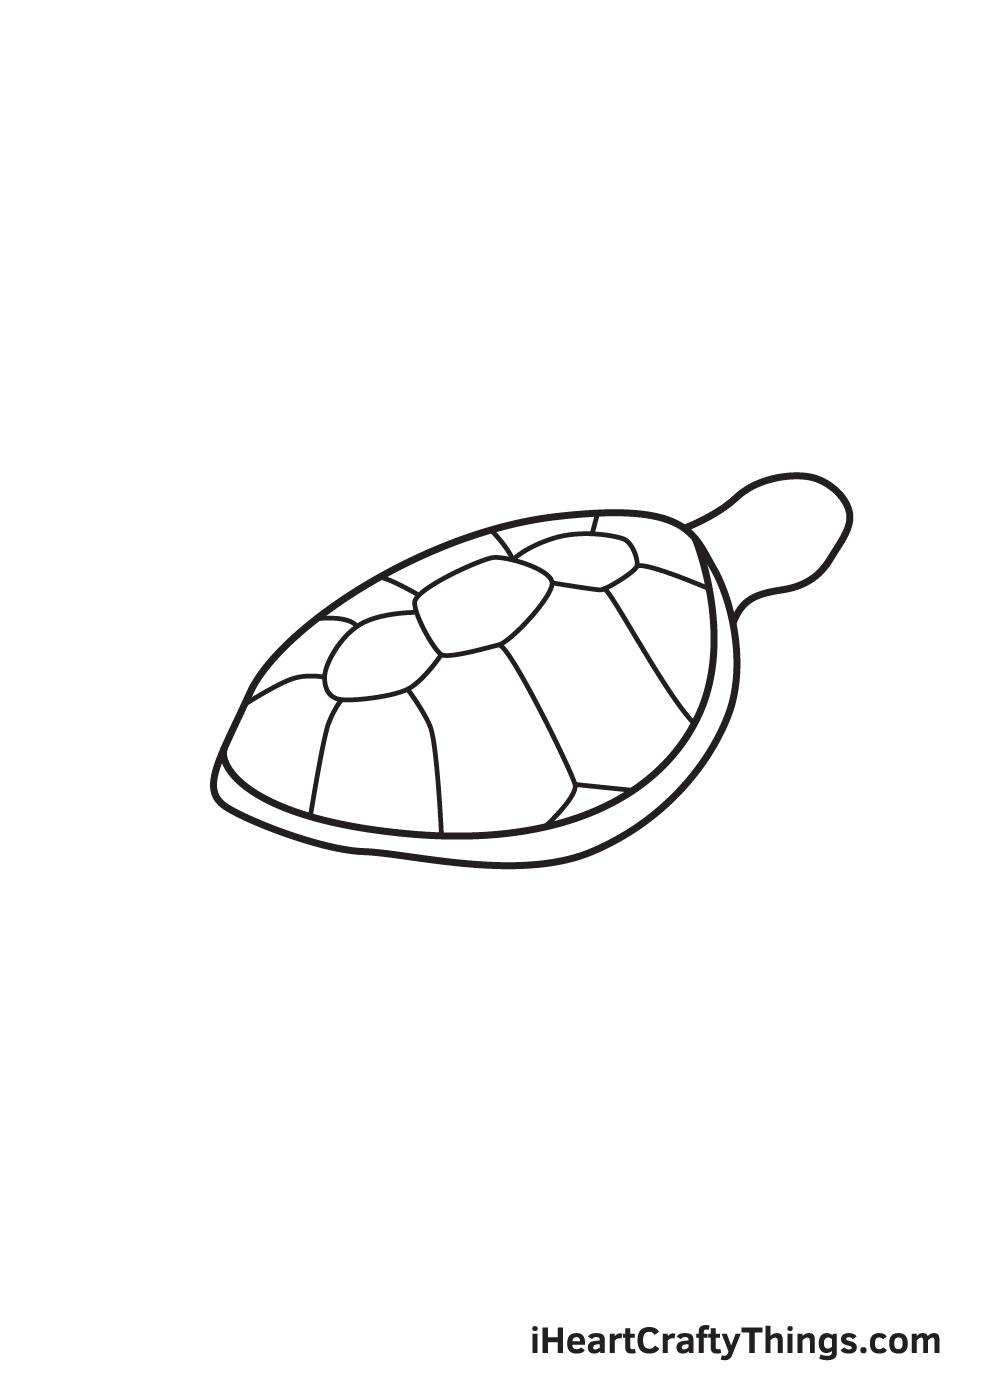 Vẽ rùa biển - Bước 6